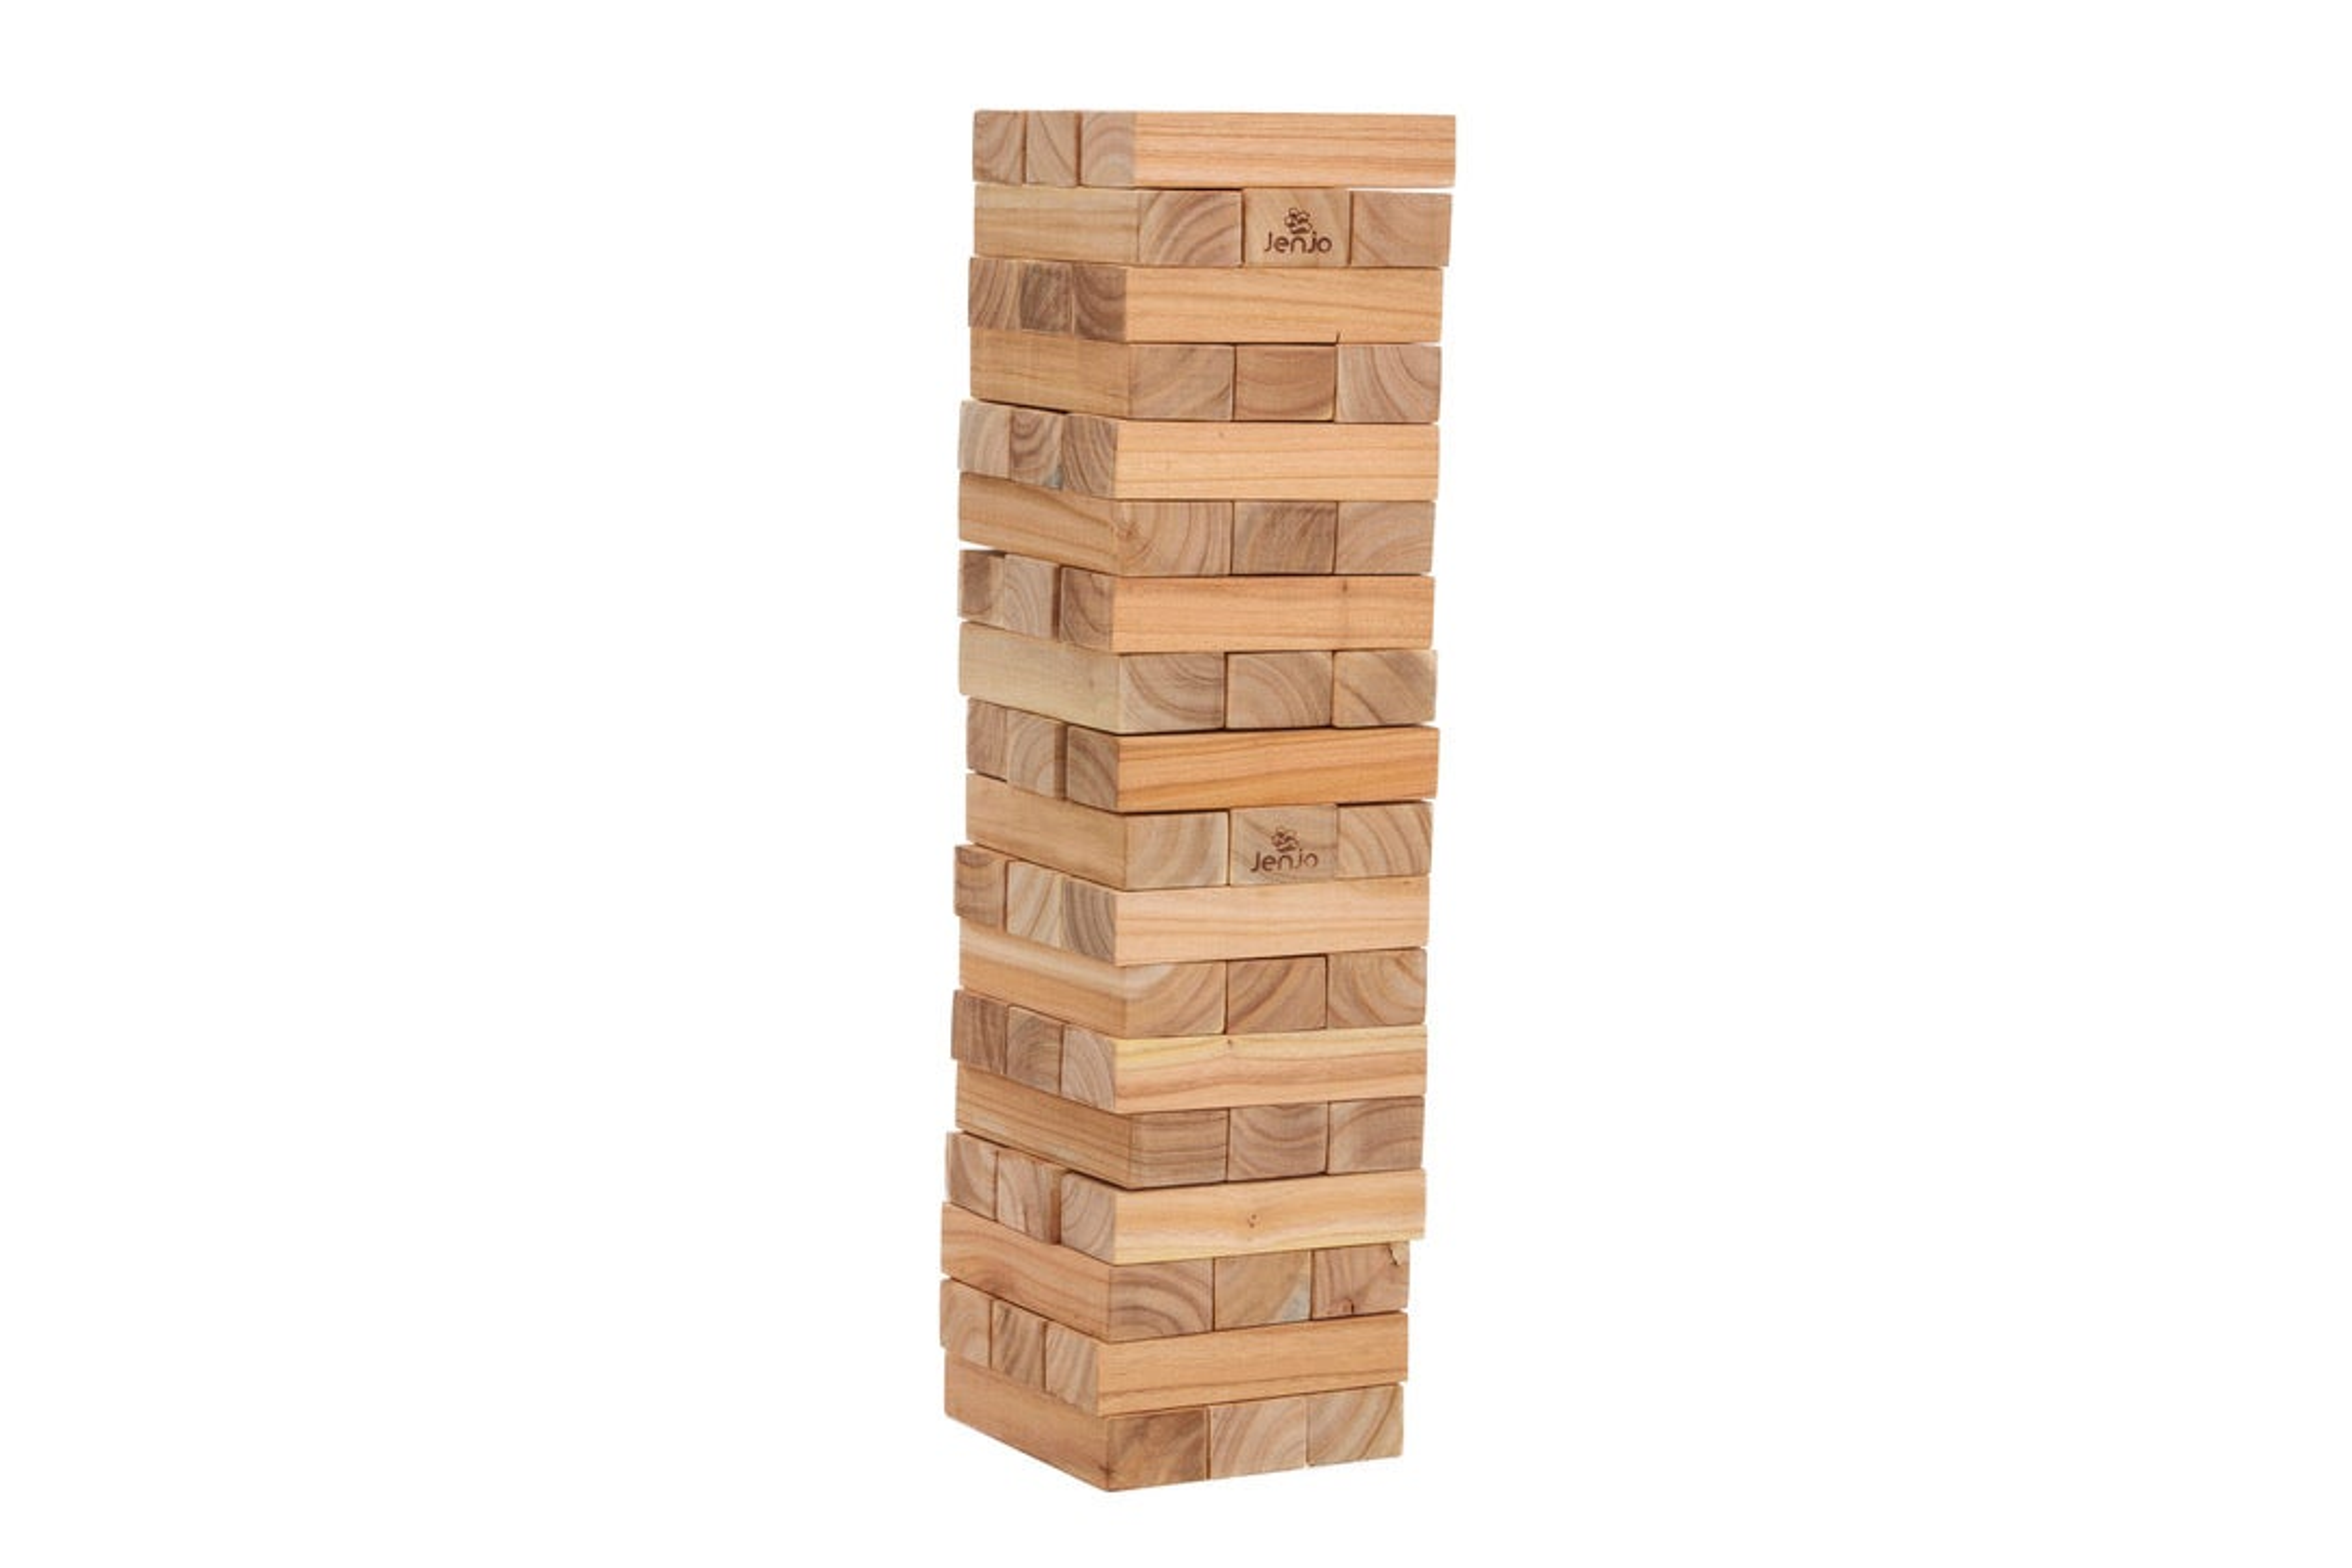 54 Piece Outdoor Giant Jenjo Wooden Block Game 81cm